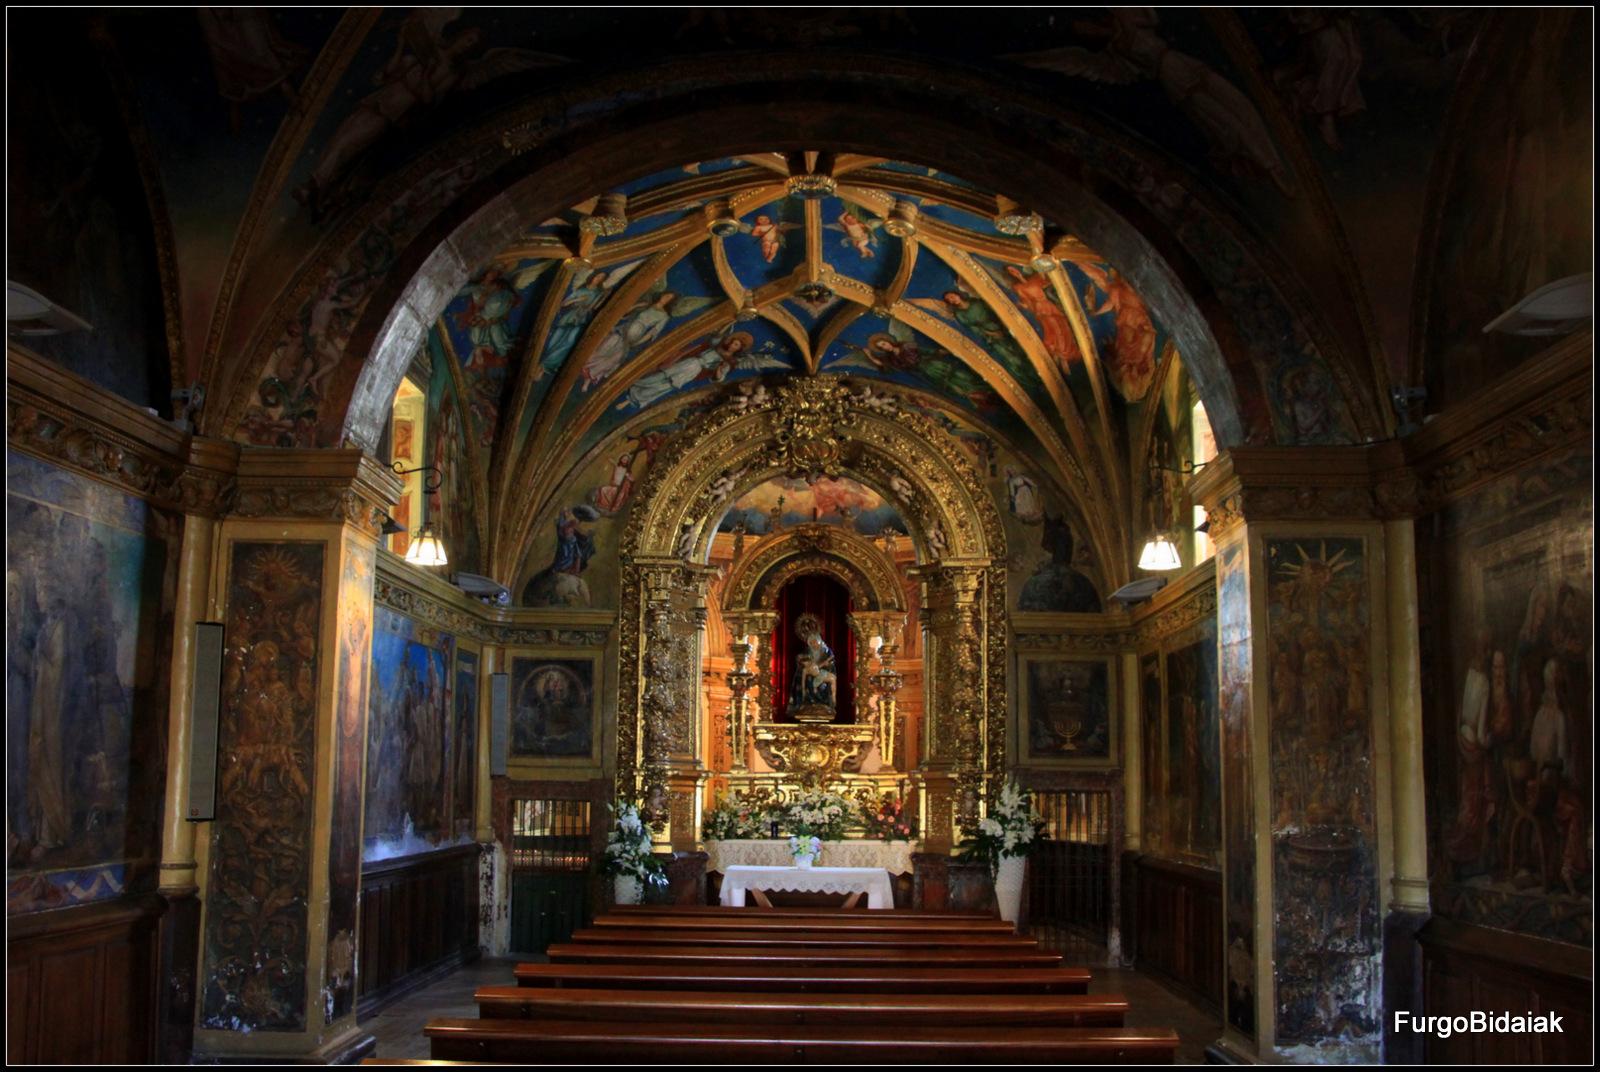 Ermita de la Virgen de  la Piedad, la Capilla Sixtina Castellana,Palencia